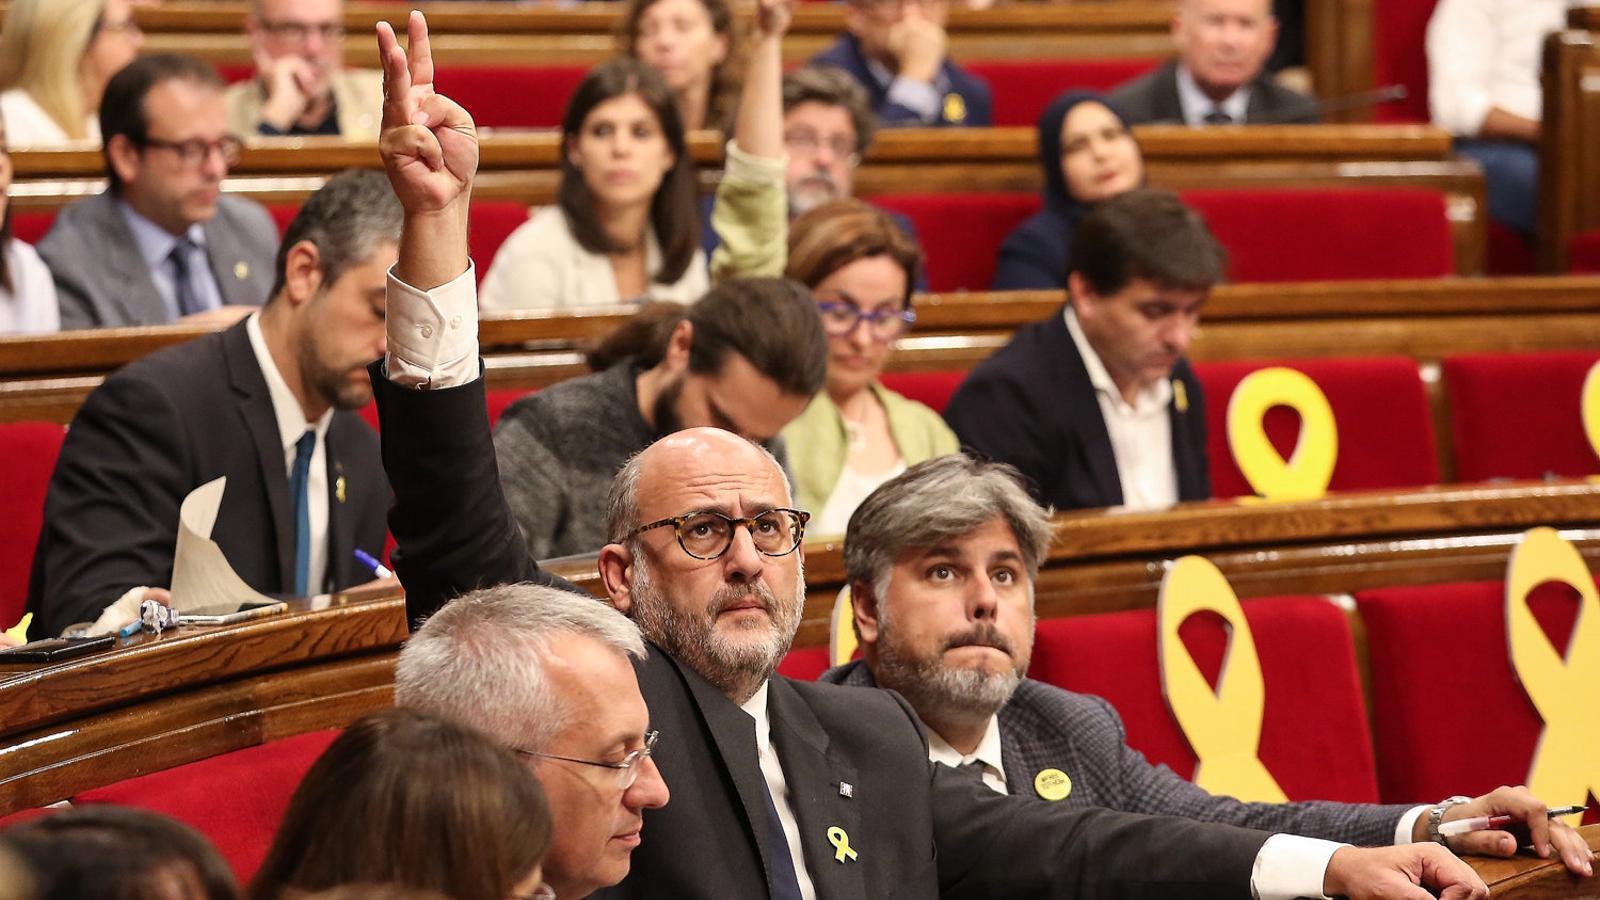 Els portaveus de JxCat, Albert Batet i Eduard Pujol, en la votació ahir al ple.